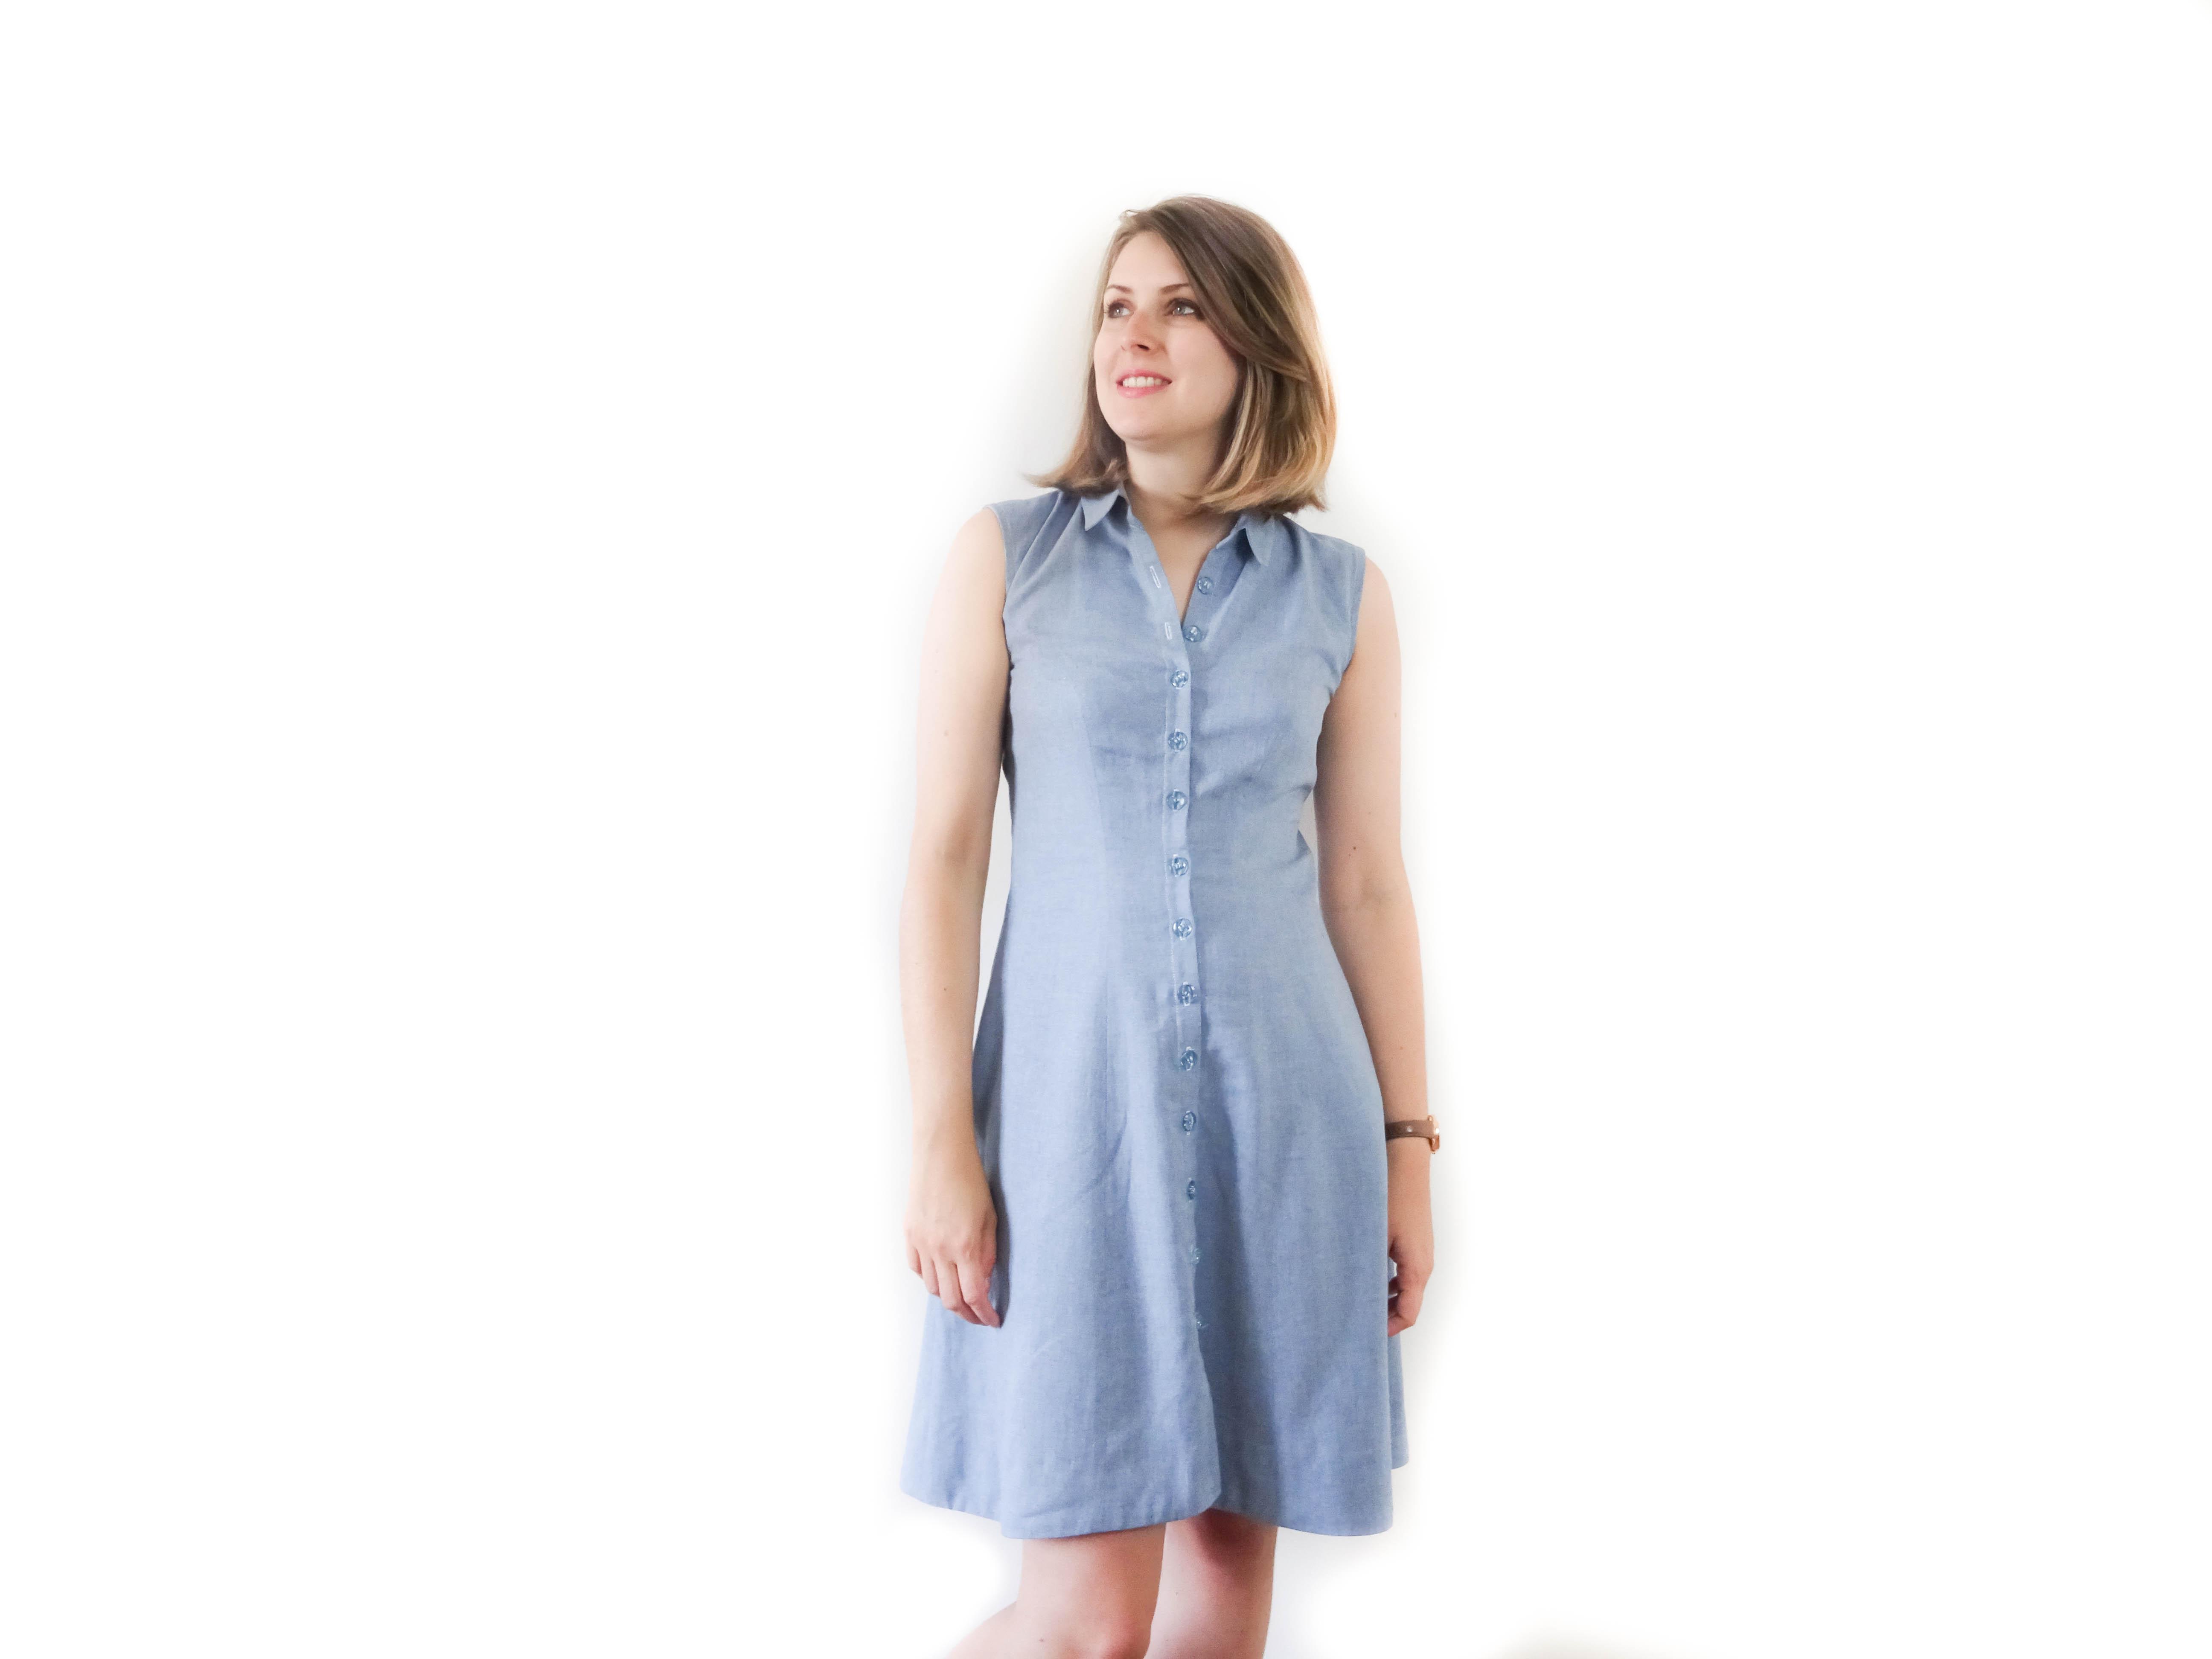 d8235f35153 Fin d été avec ma robe Bleuet - COUSETTE CHERIE